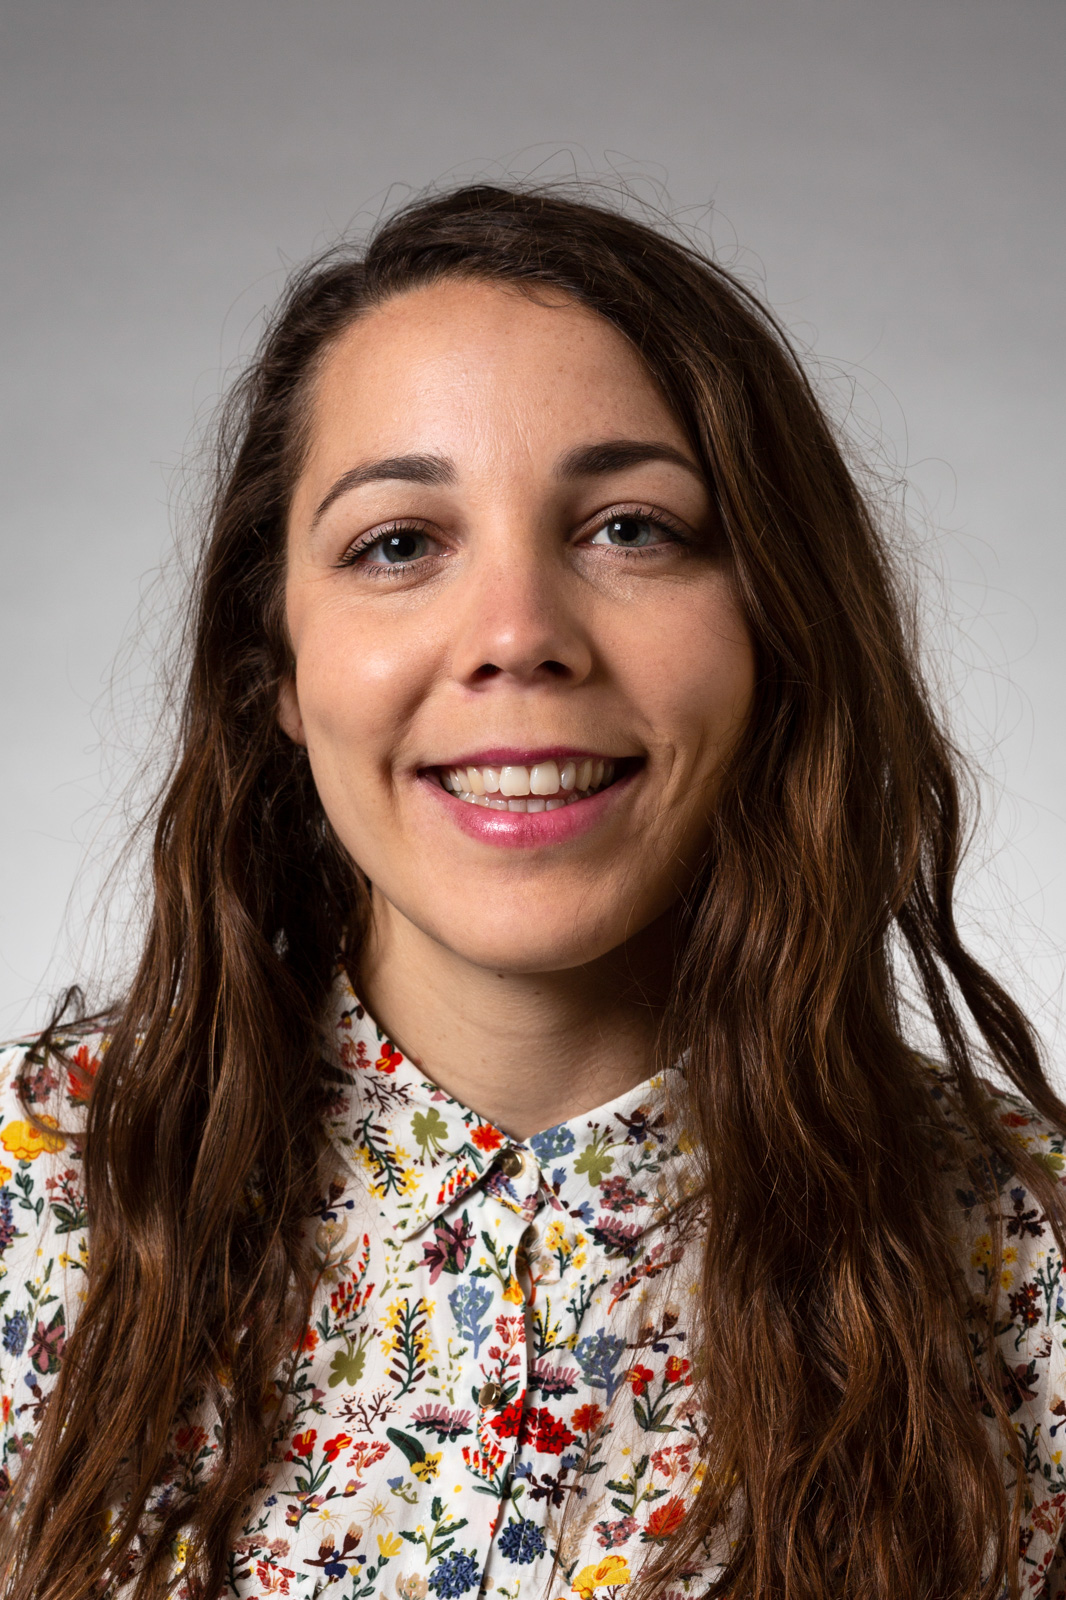 Yolanda Maria Lemes Perschke